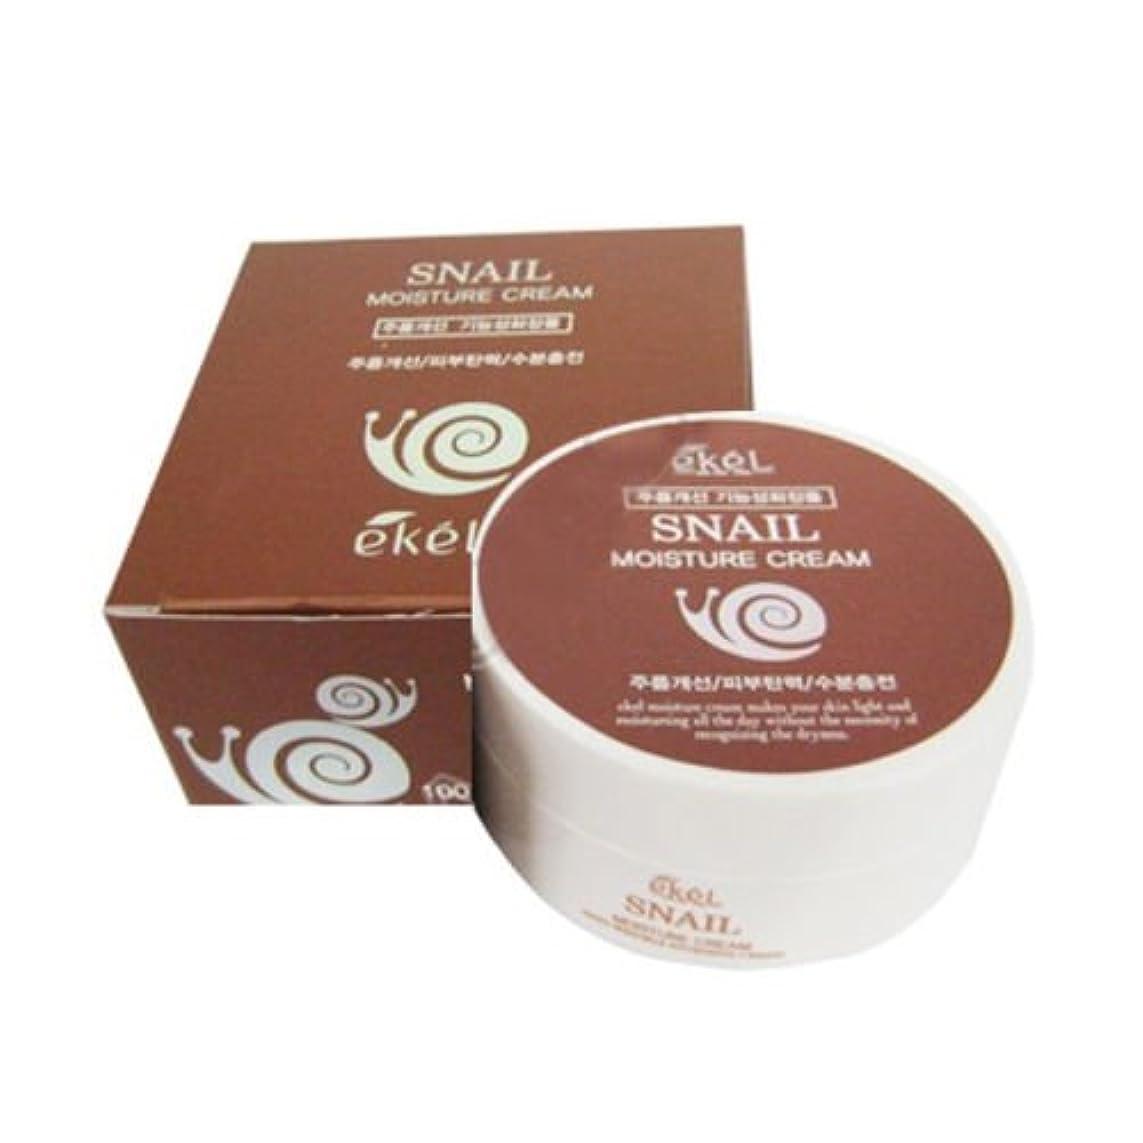 ユダヤ人プレゼンテーションバルブイケル[韓国コスメEkel]Snail Moisture Cream カタツムリモイスチャークリーム100g [並行輸入品]